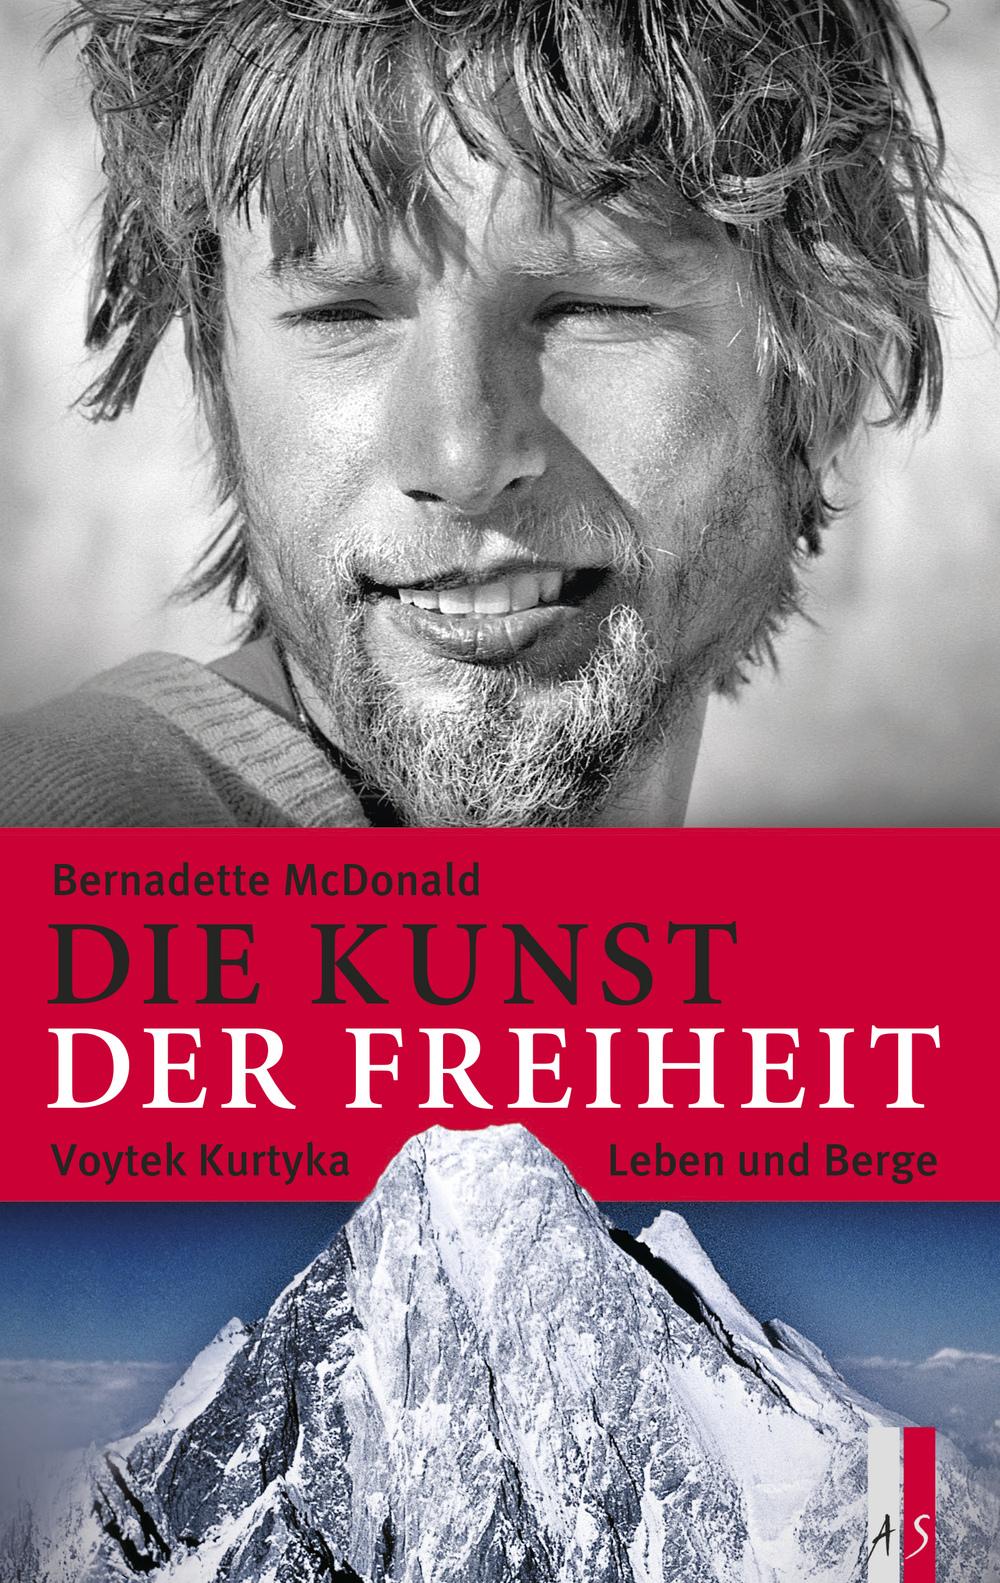 «Die Kunst der Freiheit. Voytek Kurtyka  – Leben und Berge»